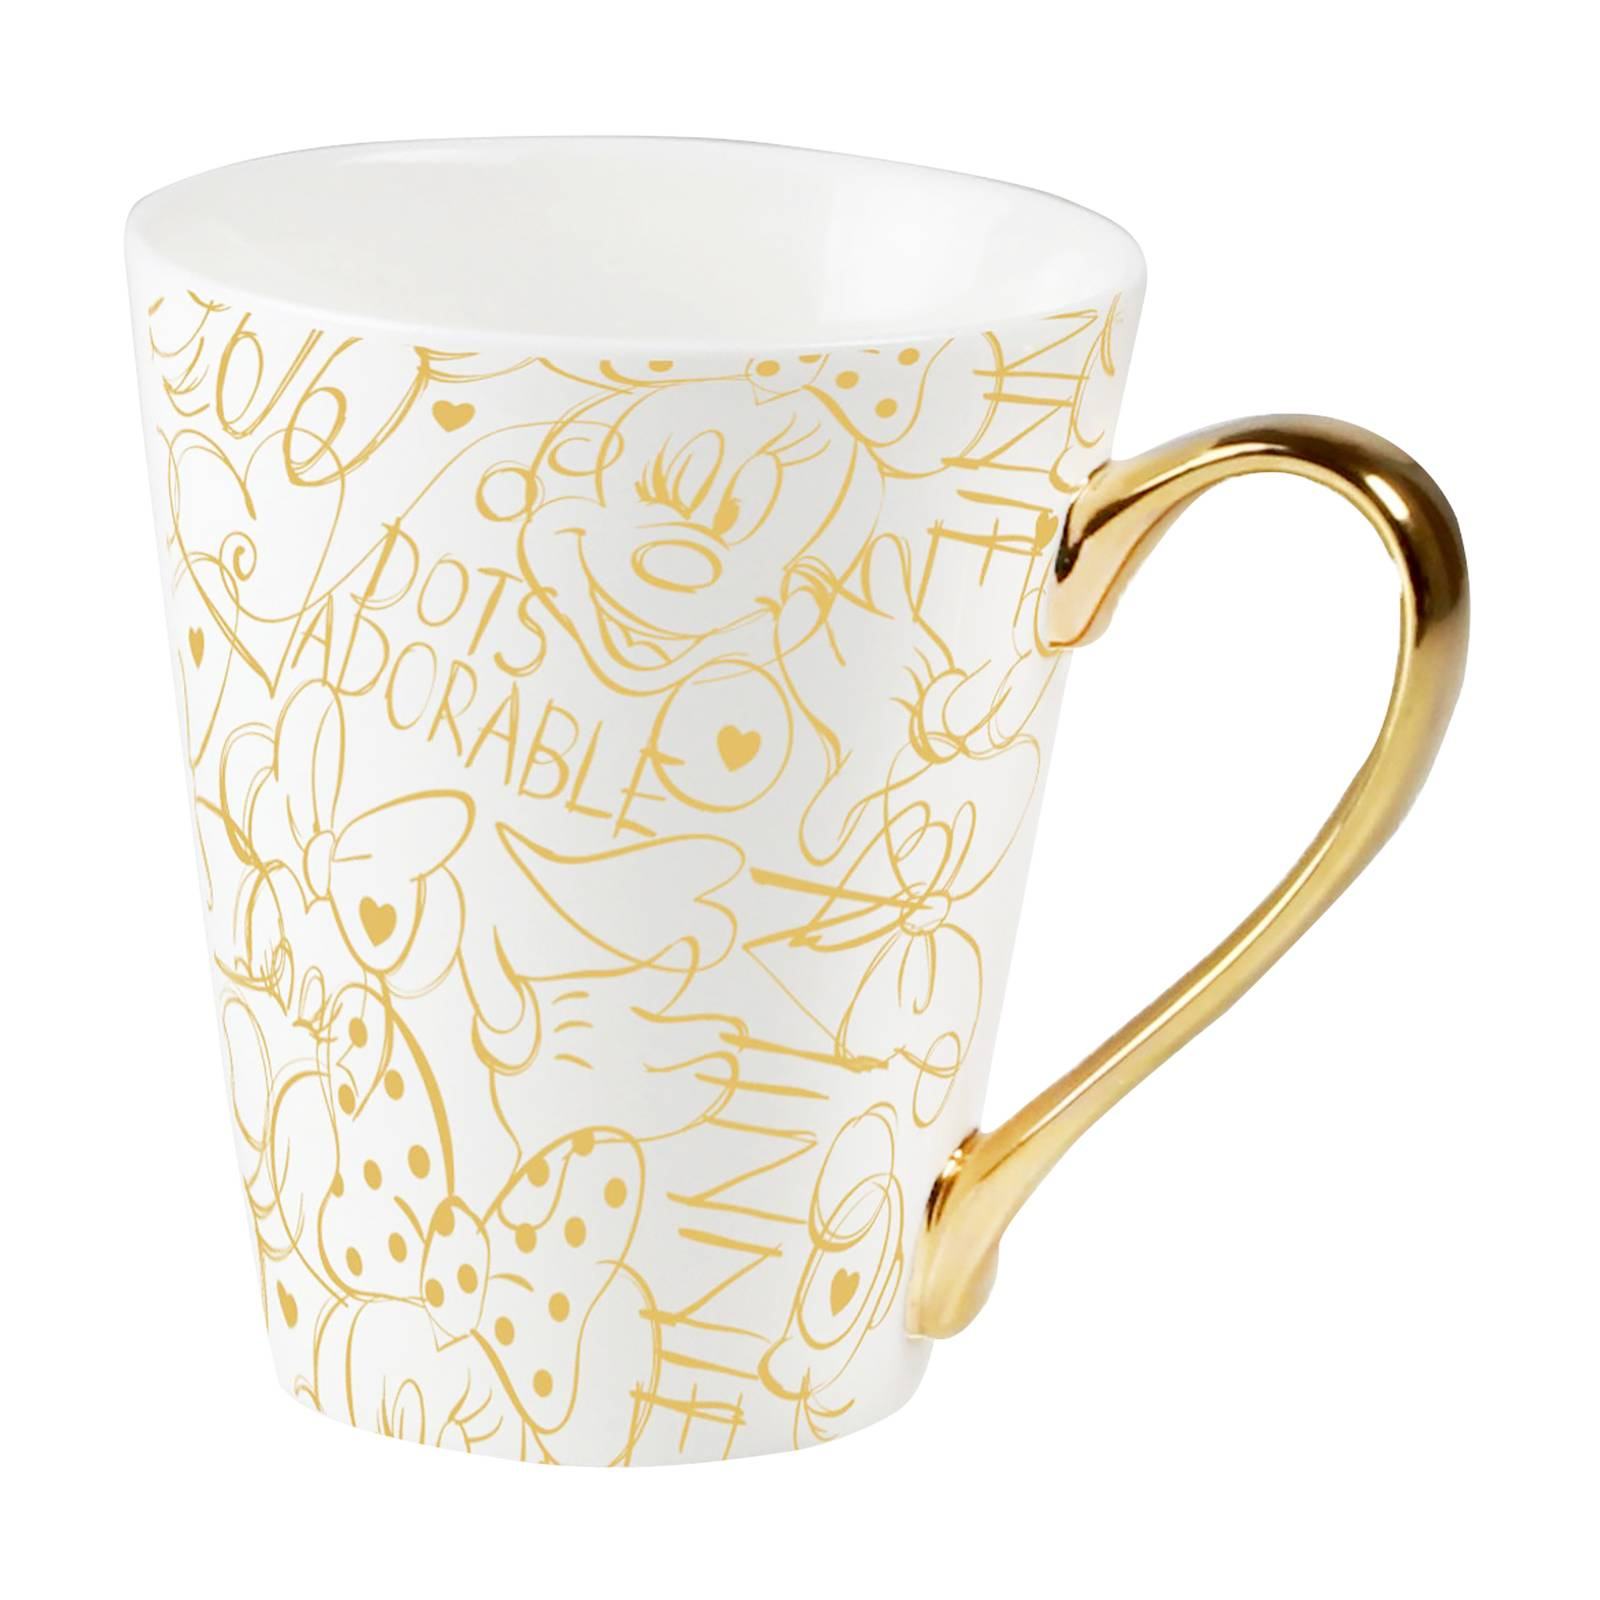 Kubek porcelanowy Minnie Kropki Złoto w ozdobnym opakowaniu 320 ml DISNEY / AMBITION